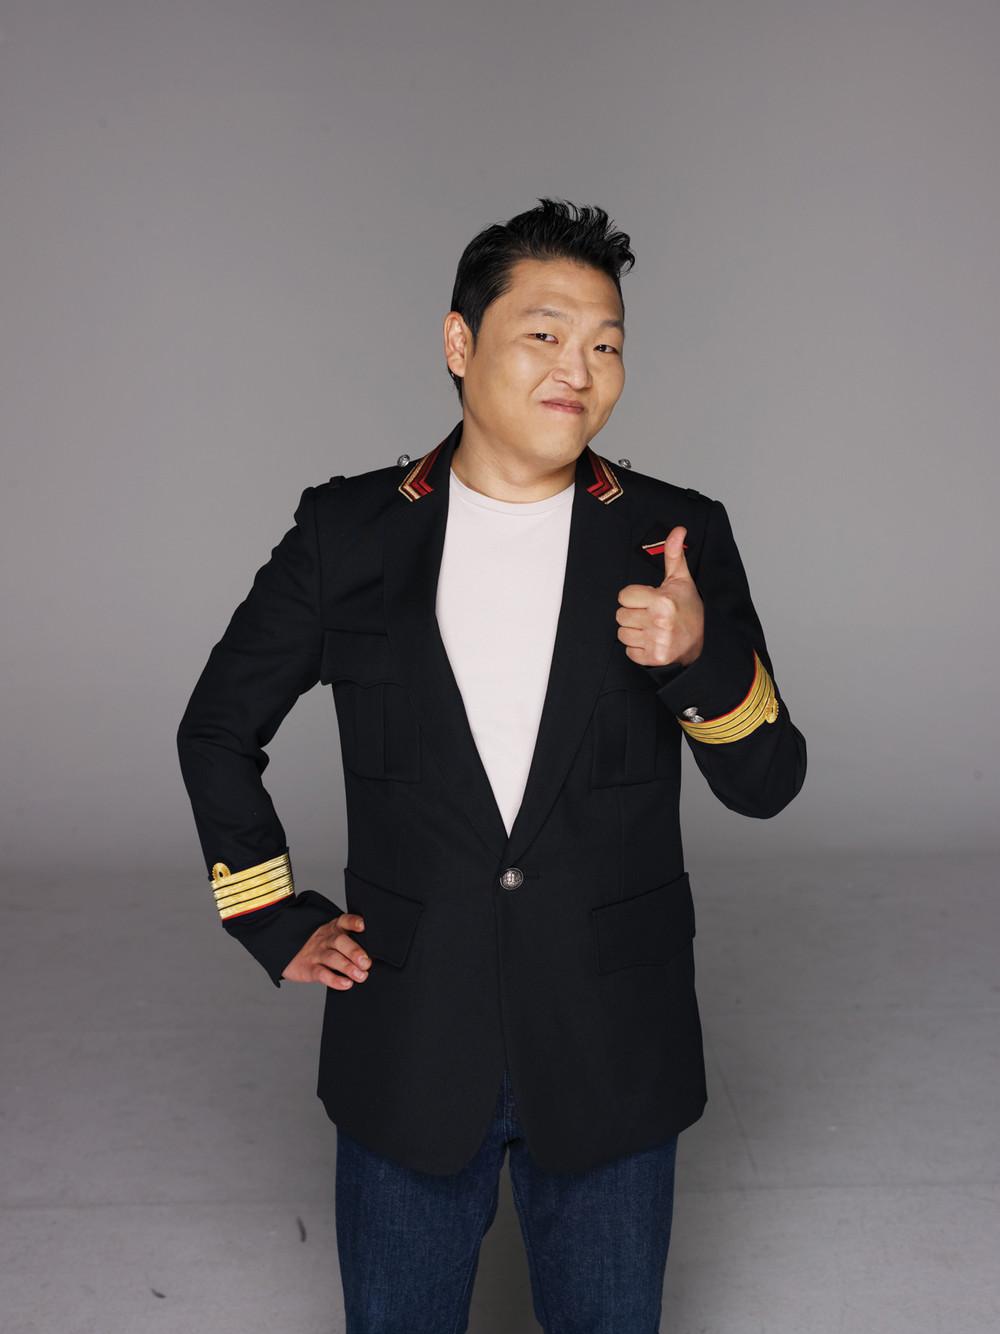 Psy On Spotify